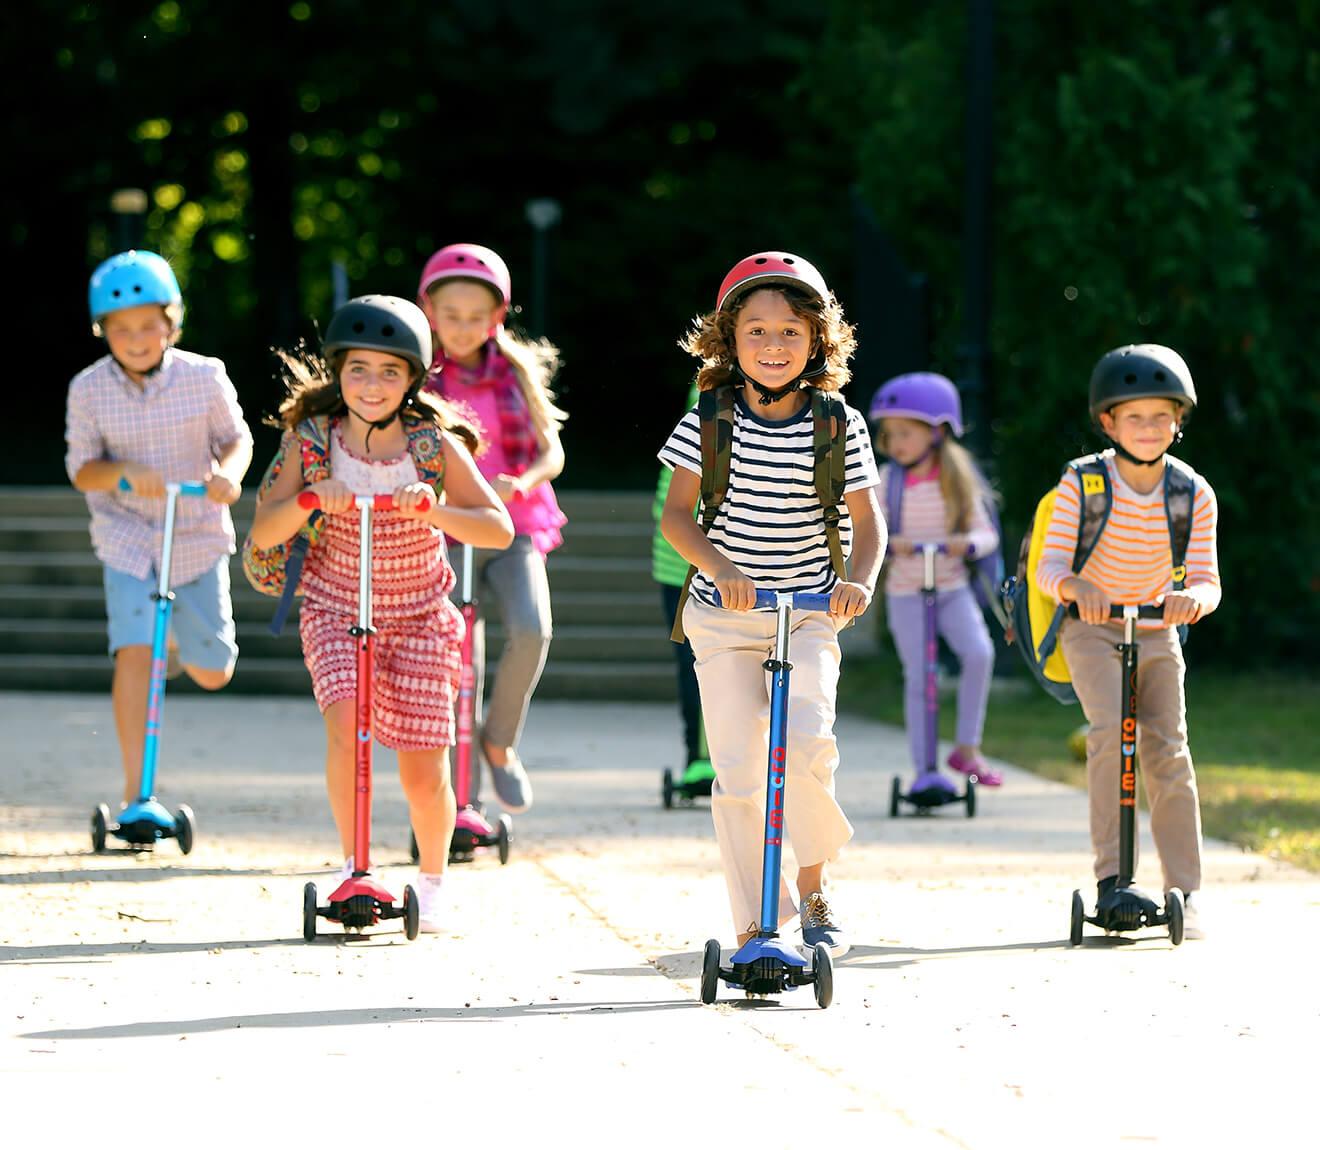 子供向け キックボード Maxi Micro Deluxe デザイン一新!滑止め加工もさらに強化!5歳〜11歳までのお子様向けキックボード